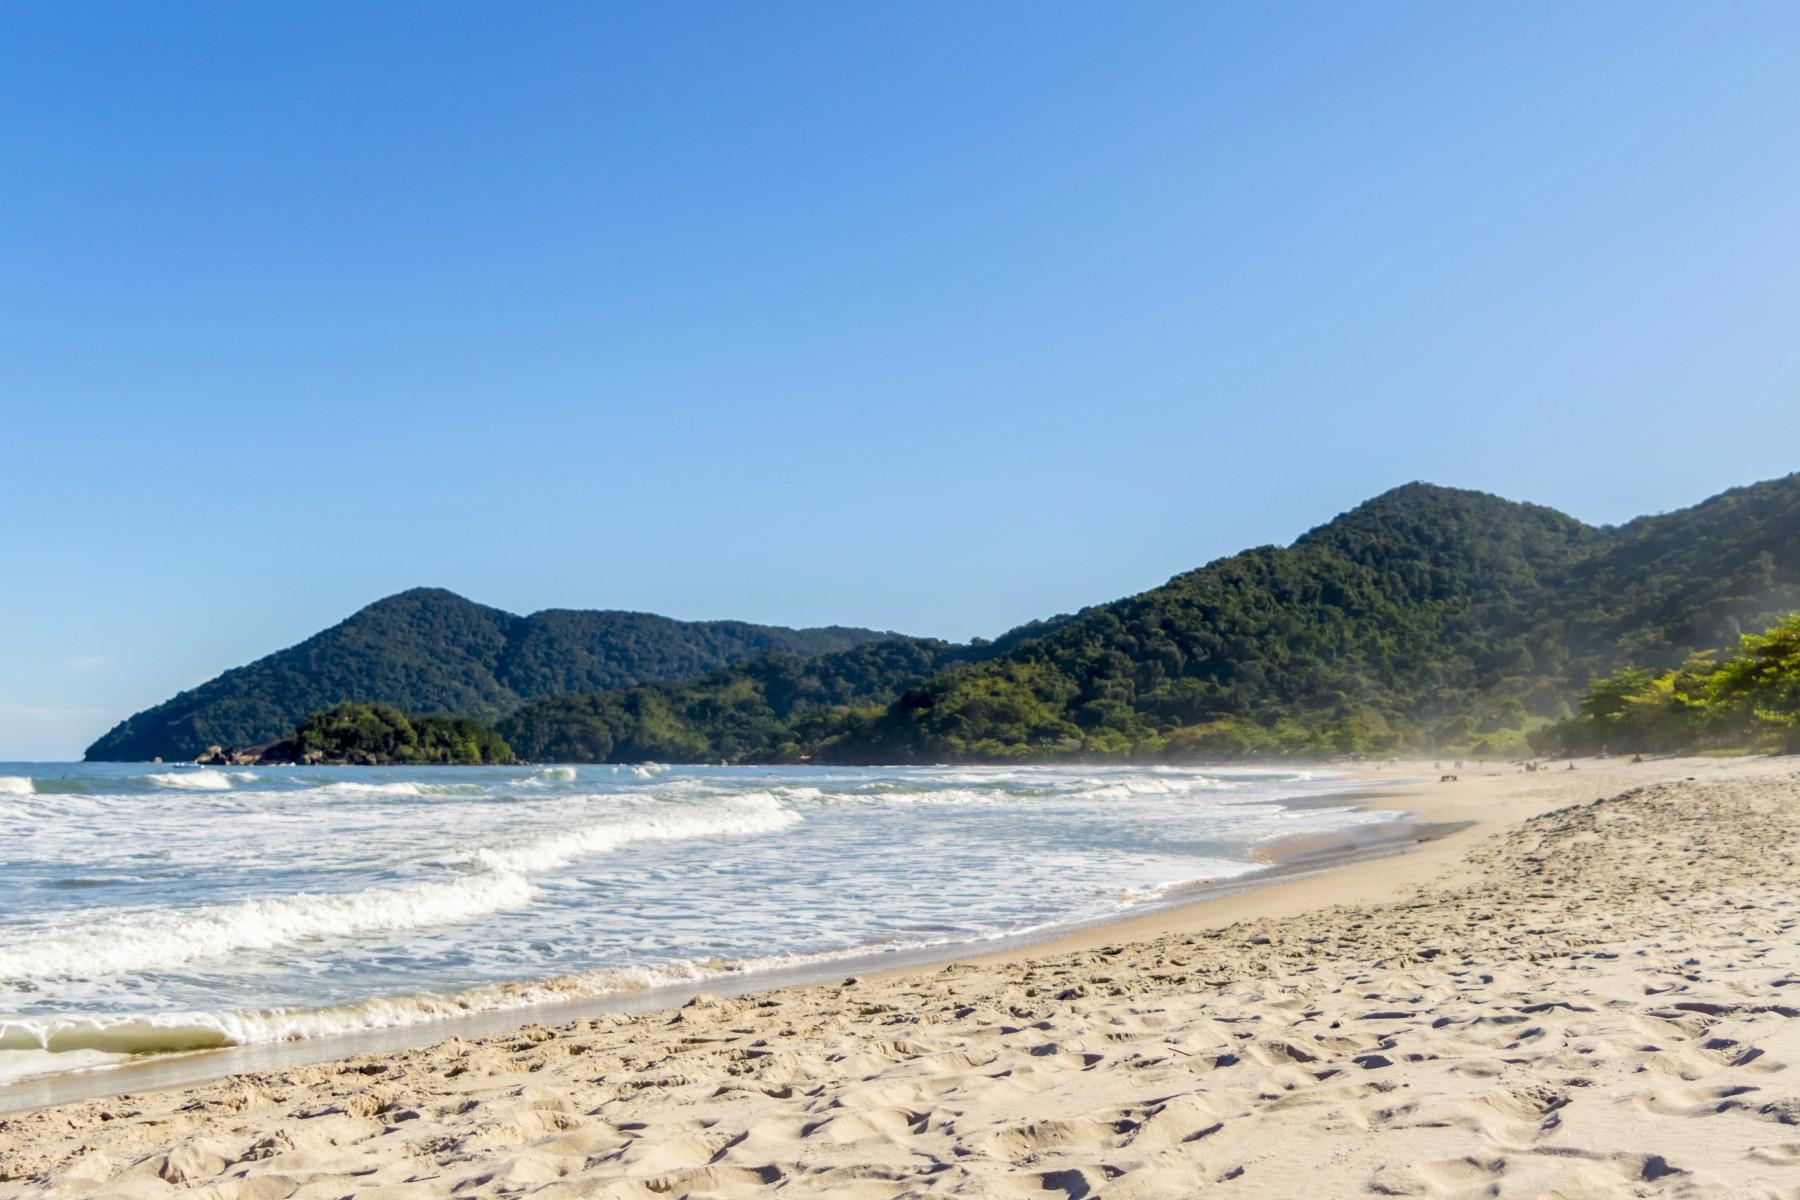 Sechs Gunstige Urlaubsziele Mit Traumstrand Zum Entspannen